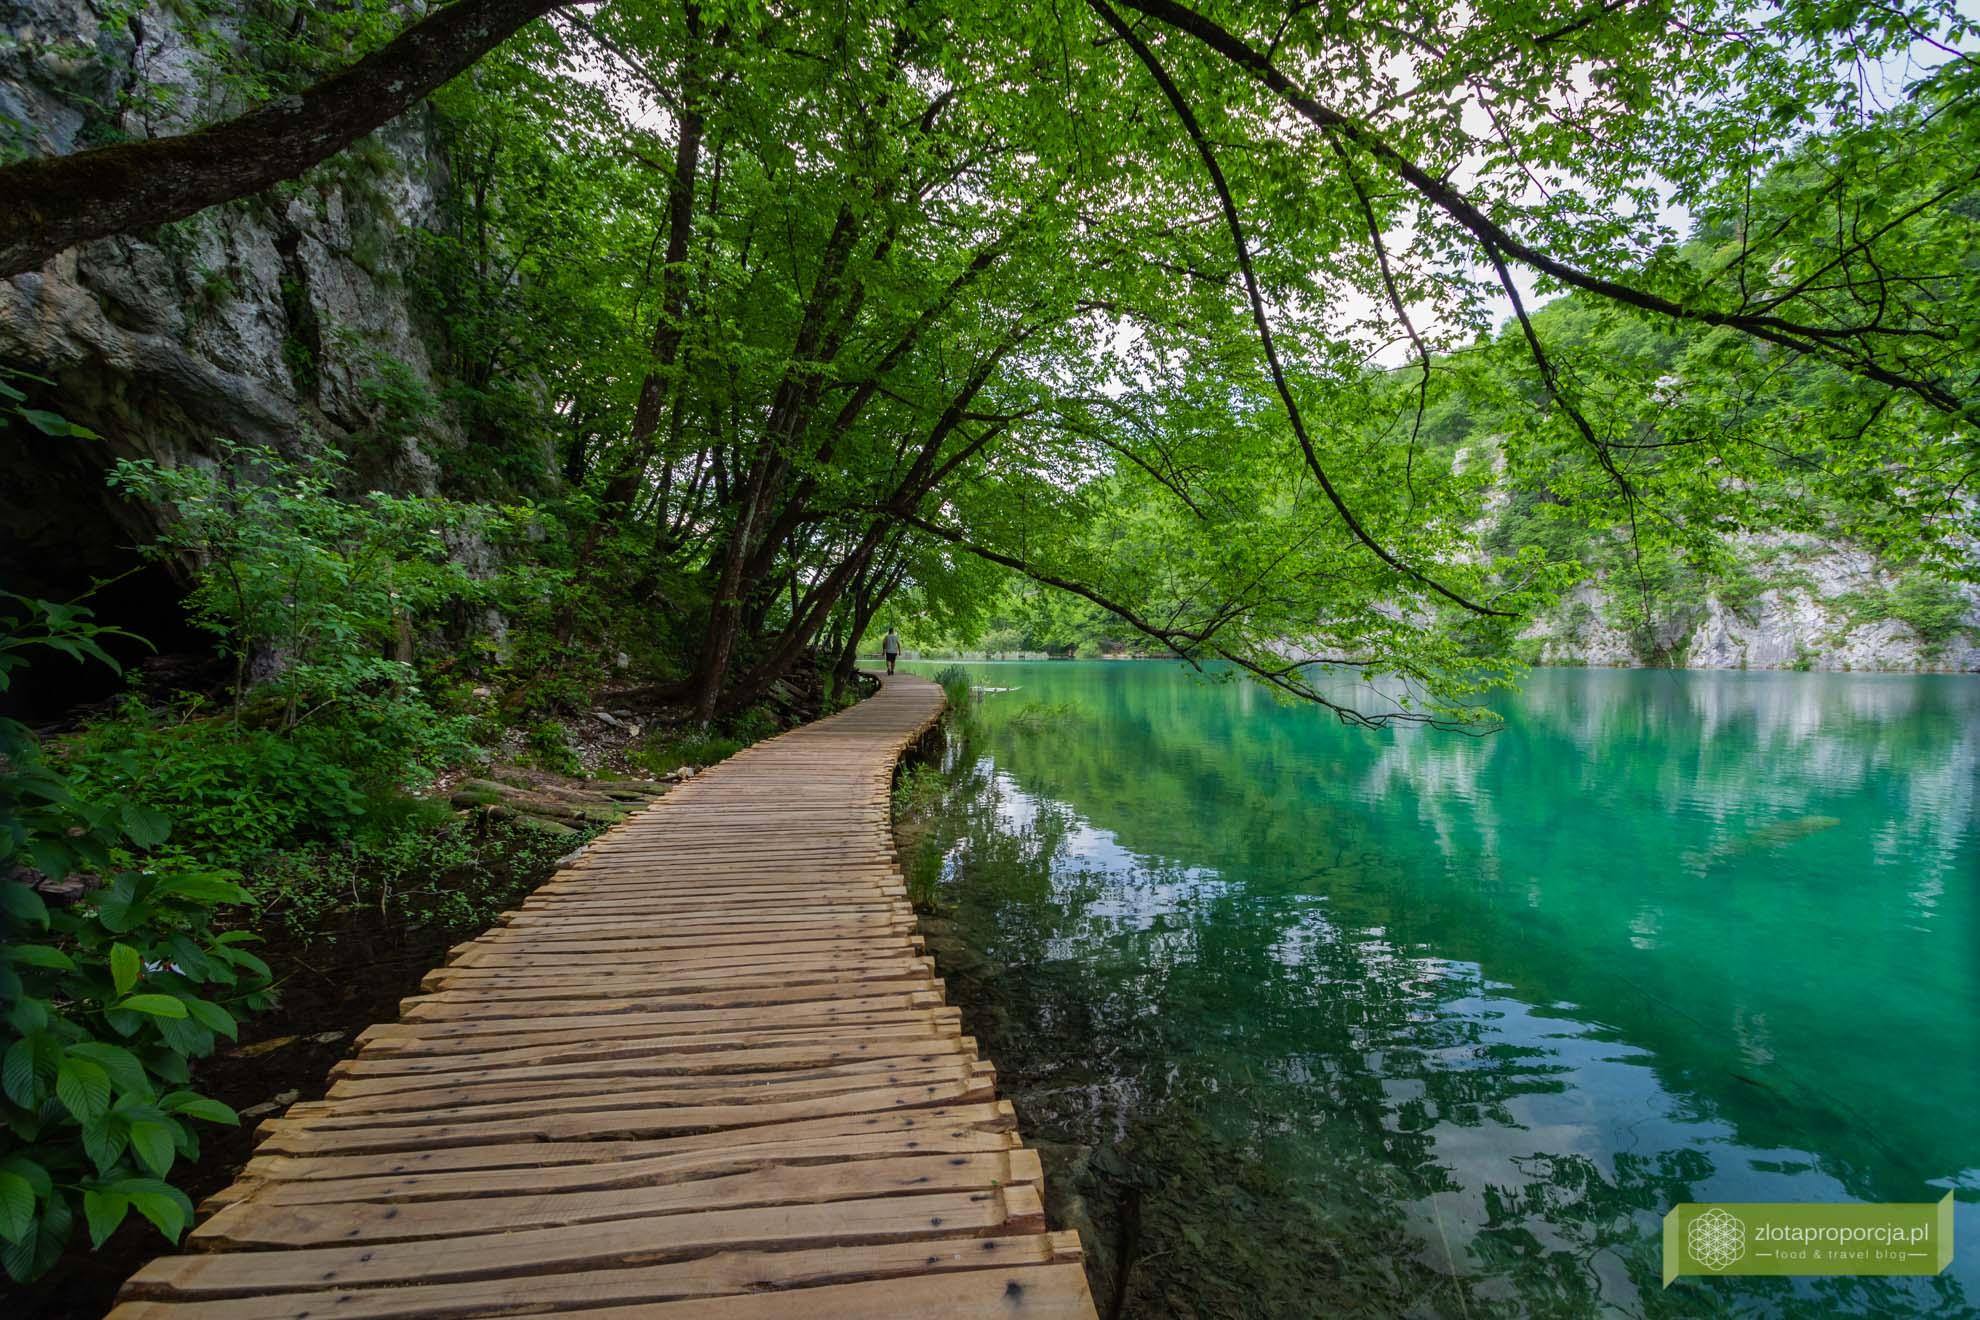 wodospady Chorwacja, jeziora plitwickie, Chorwacja, jeziora plitwickie kapiel, jeziora plitwickie plitiwckie zwiedzanie; Park Narodowy Jezior Plitwickich;